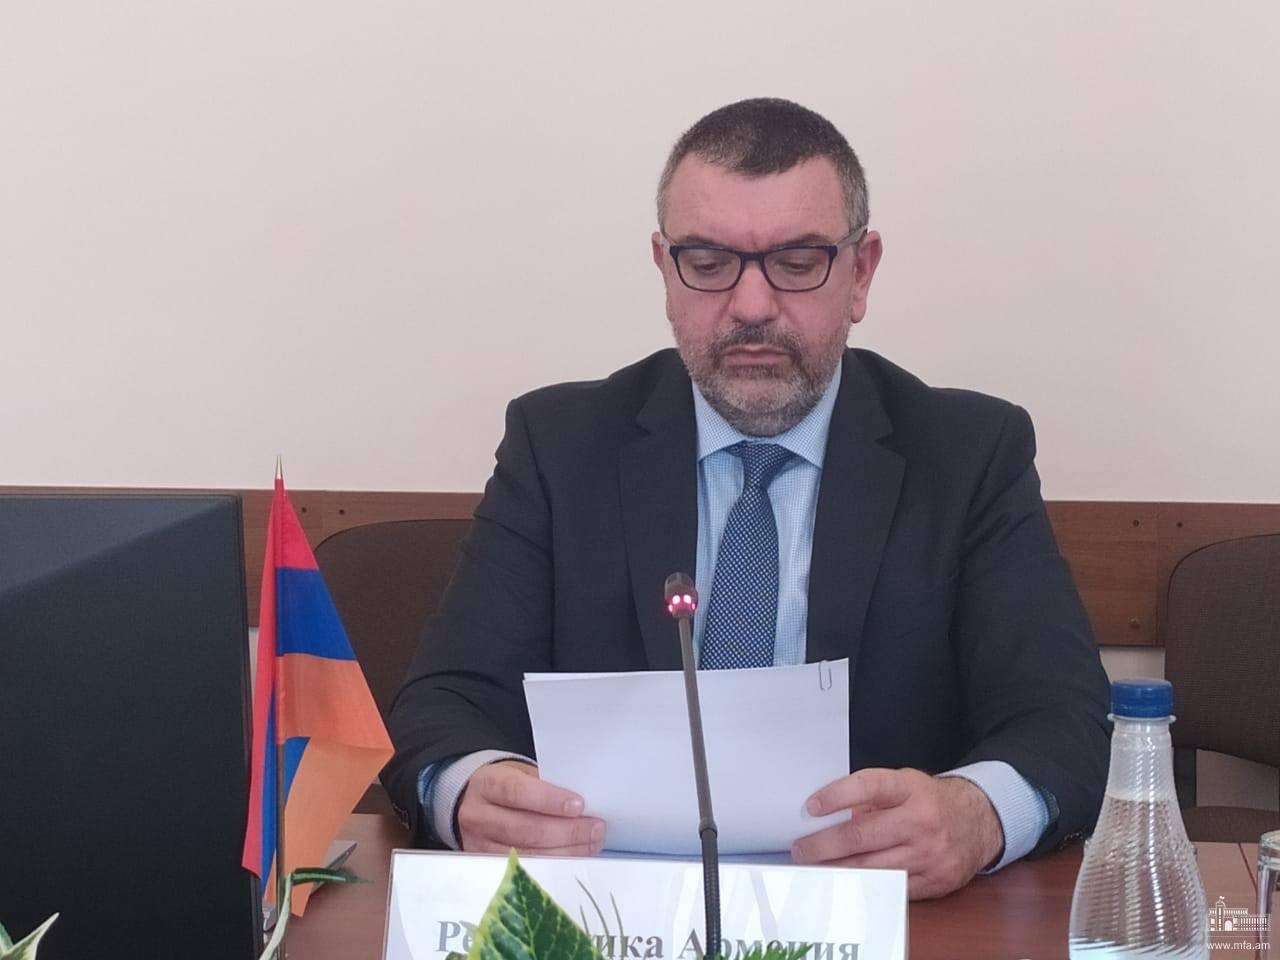 Photo of ՀԱՊԿ-ում ՀՀ մշտական ներկայացուցիչը ելույթ է ունեցել ՀԱՊԿ ՄԽ նիստում